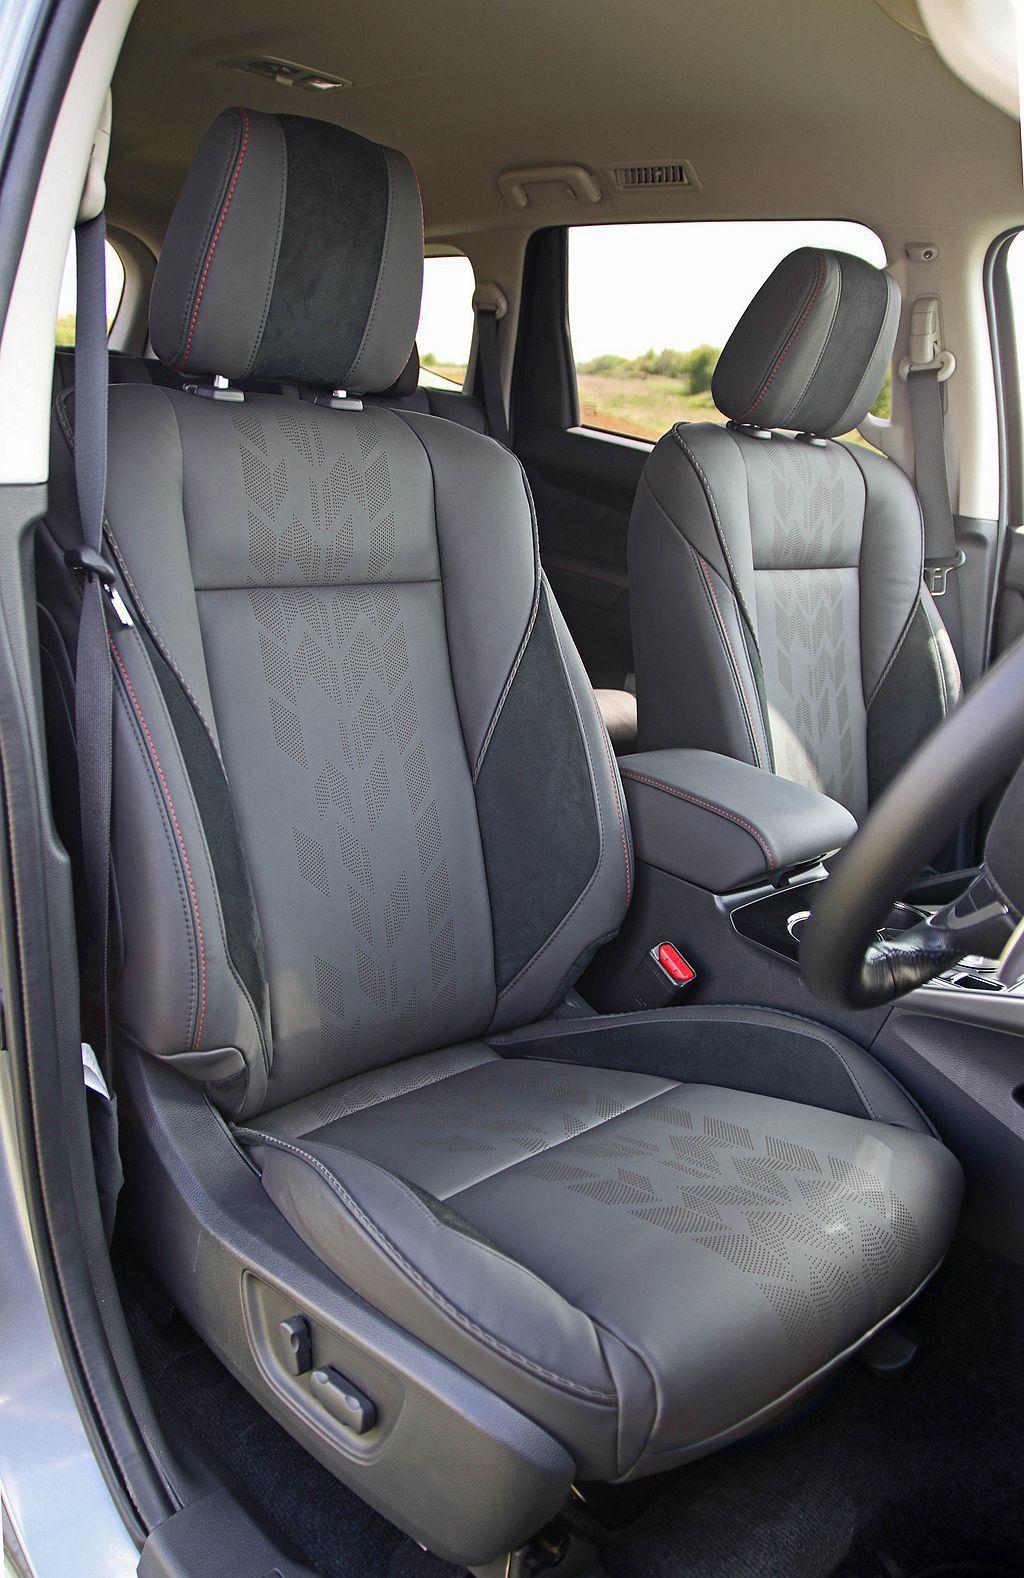 花紋獨特皮革包覆座椅,搭配紅色縫線增加許多車艙視覺亮點。 圖/Mitsubish...